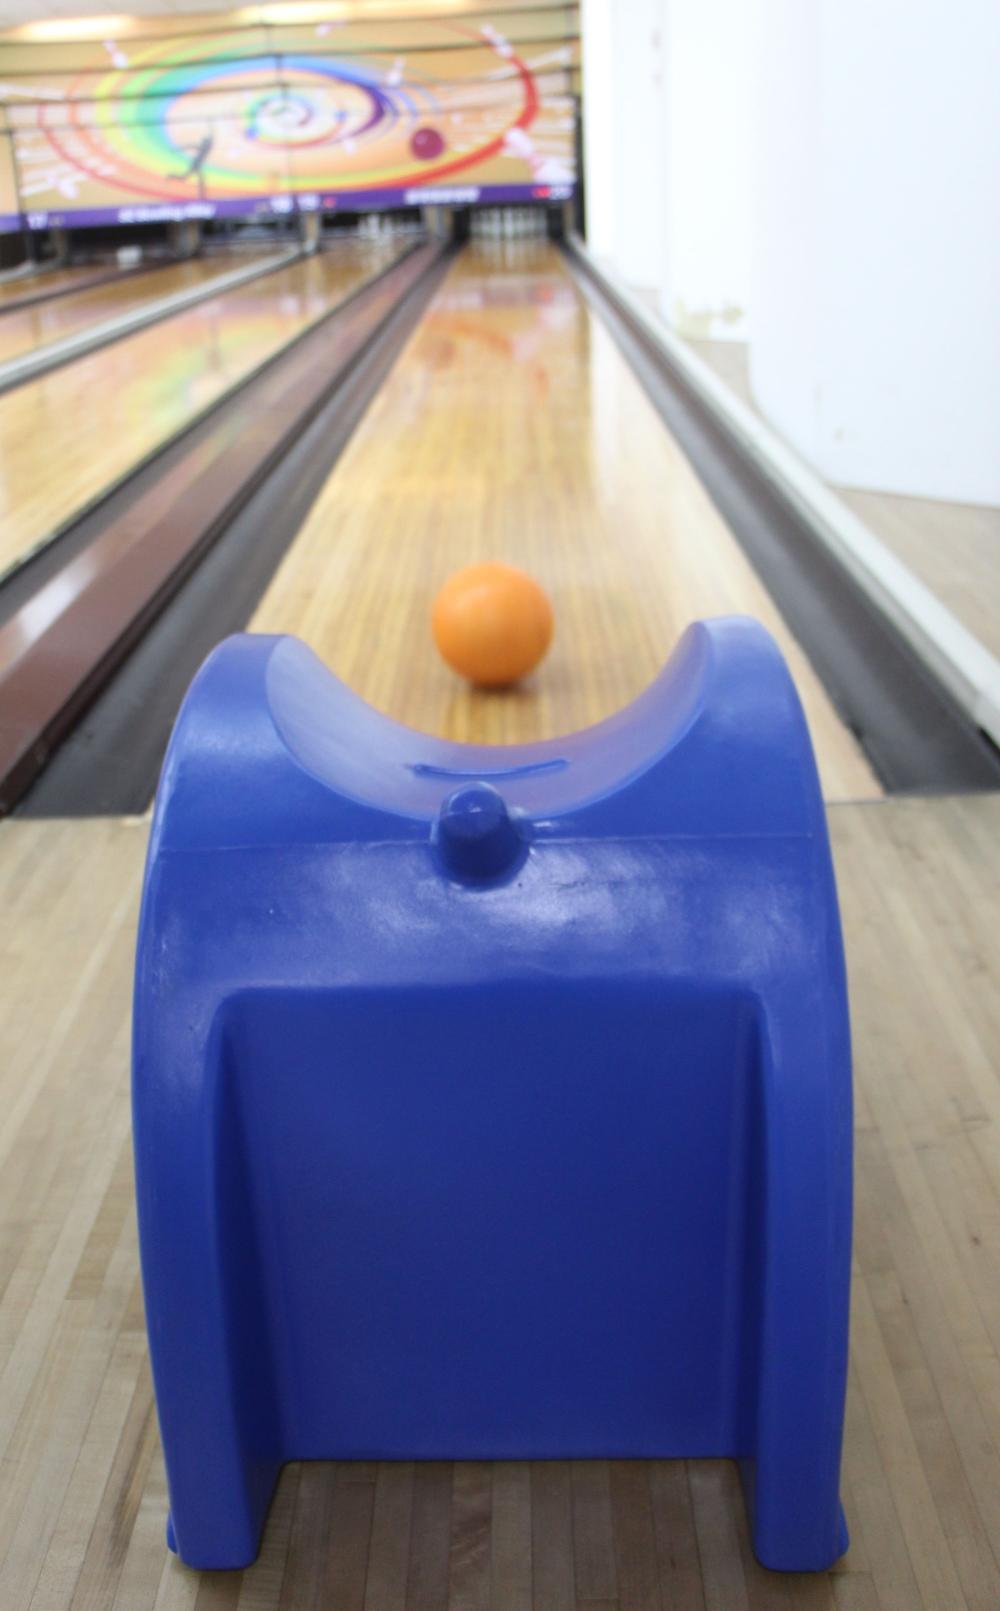 Nouveau Modèle Éléphant Rampe De Bowling Enfants Enfants Quilles À Billes  Accessoires De Bowling - Buy Boule De Bowling,rampe De Dragon,rampe De encequiconcerne Bowling Pour Enfant